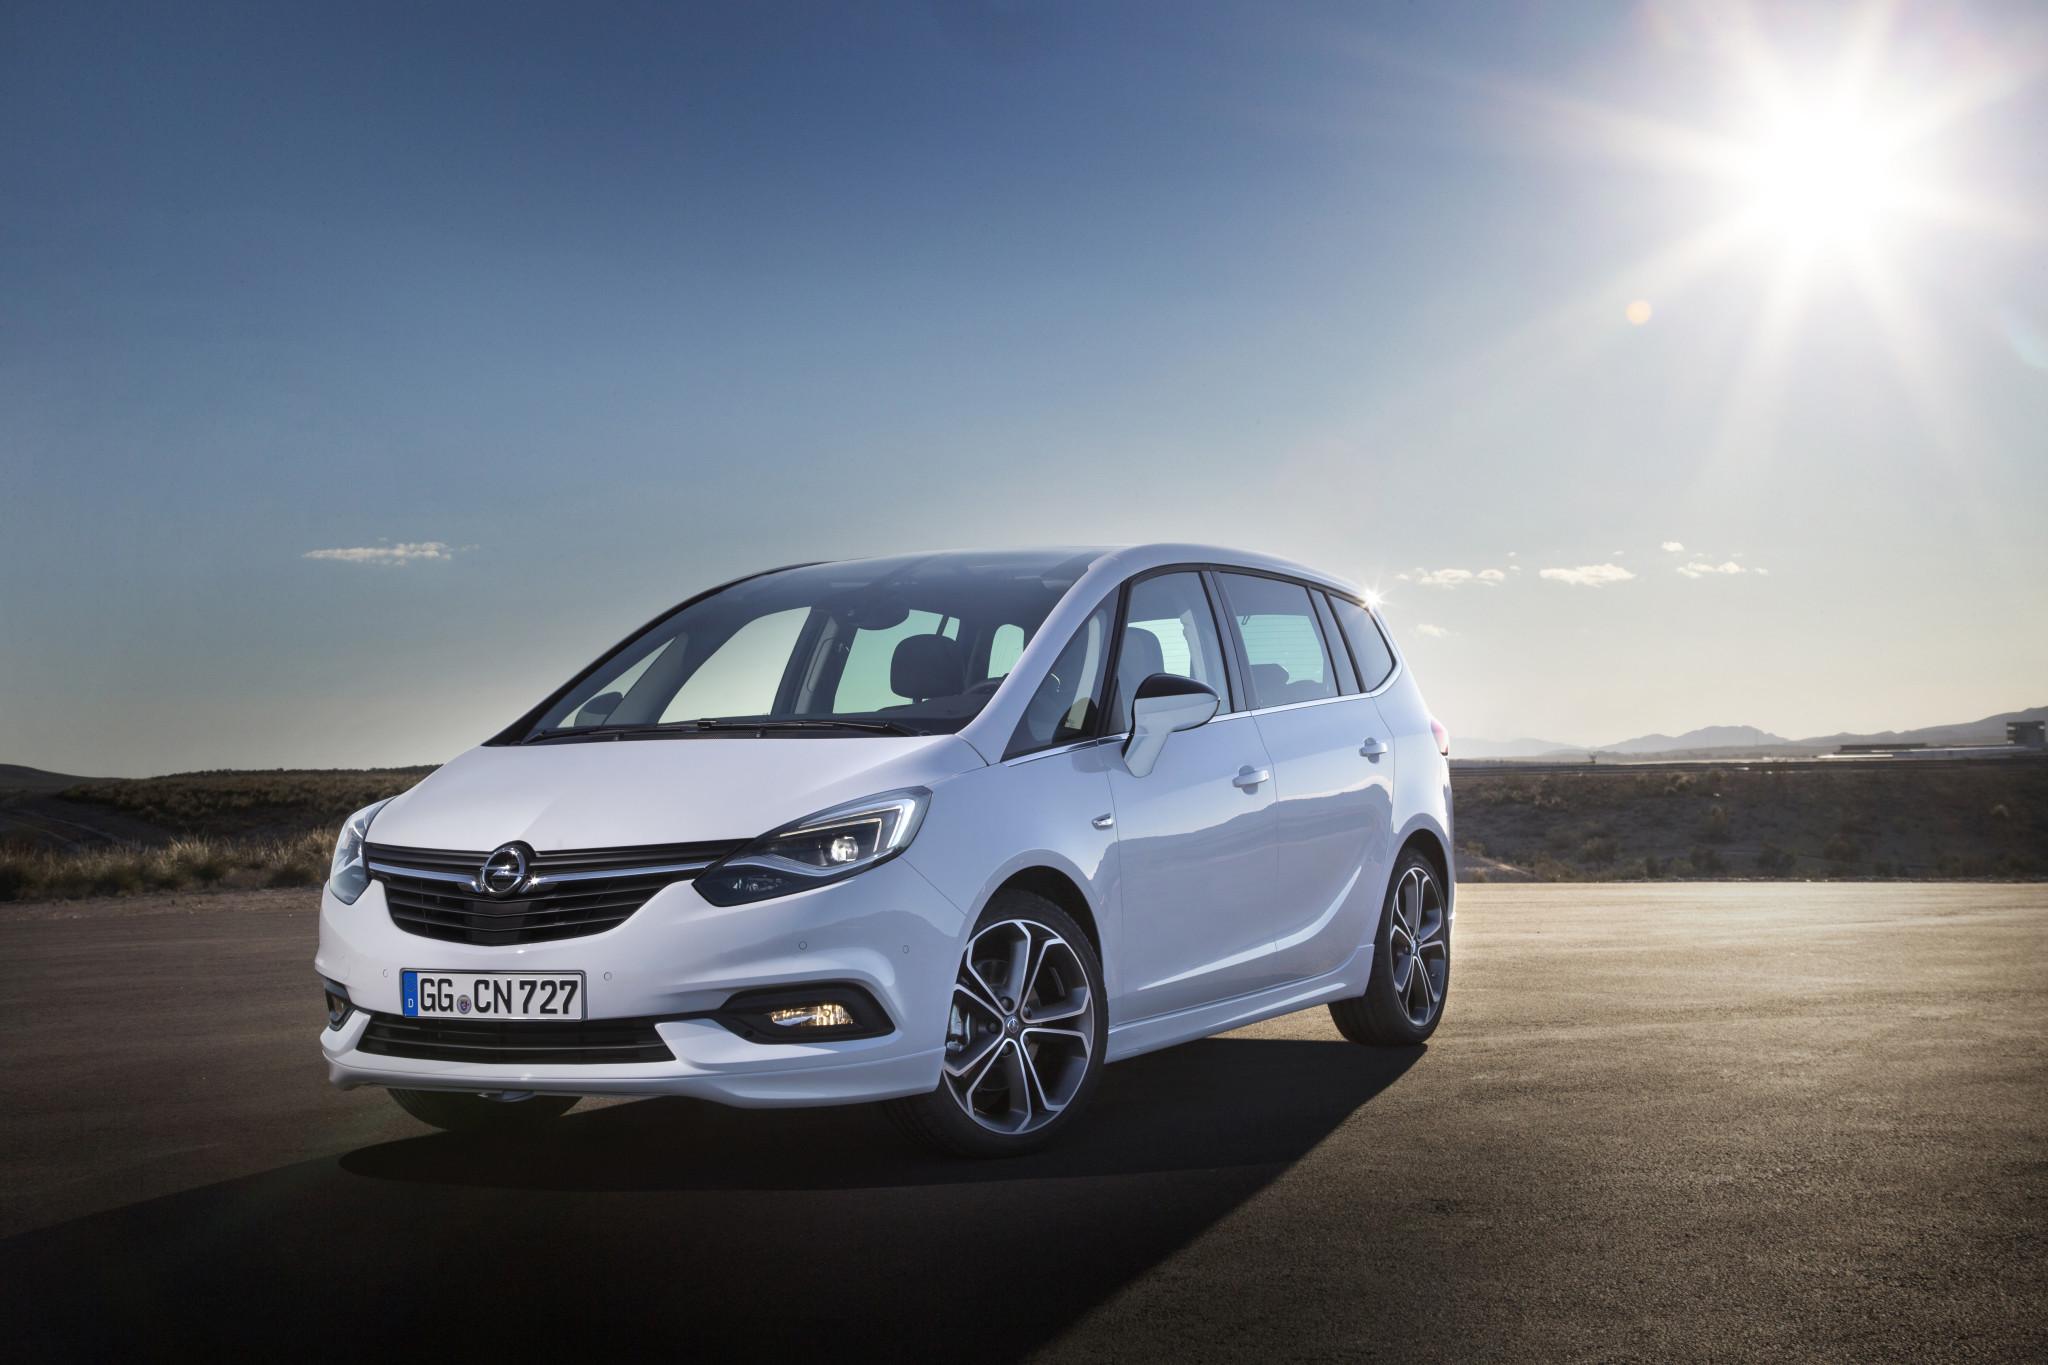 Opel Zafira 2016 w blasku słonca